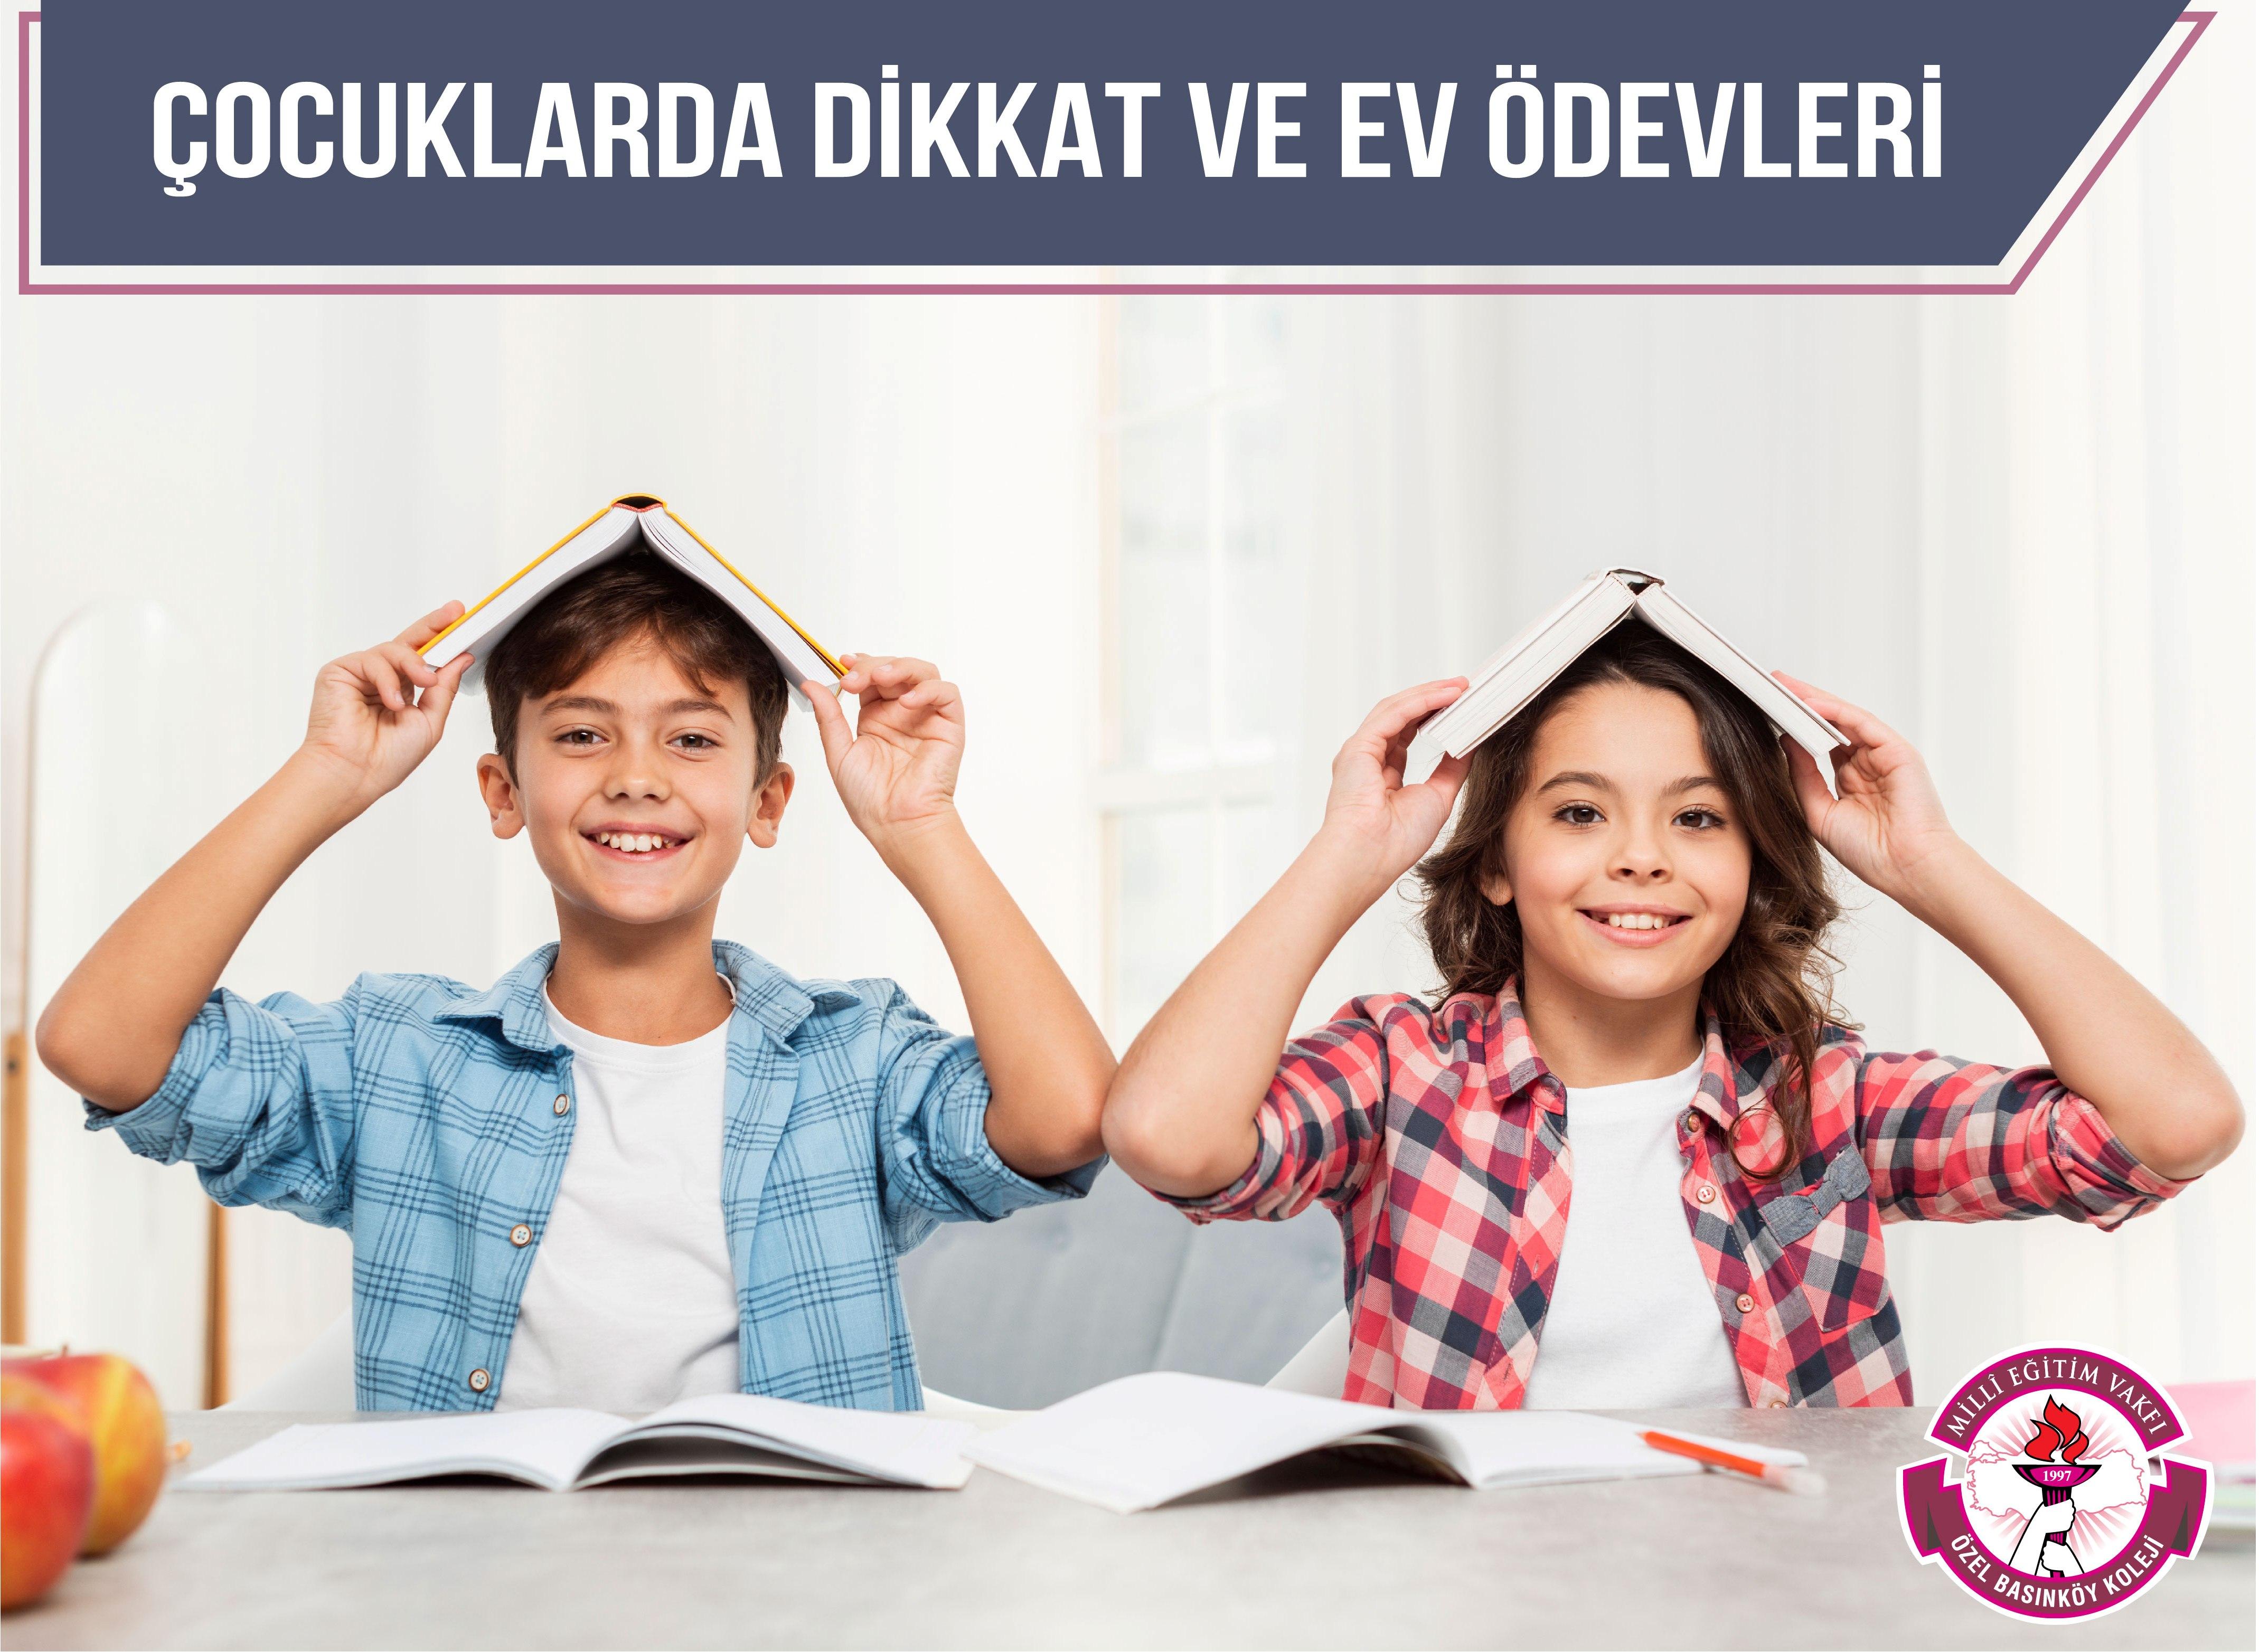 Çocuklarda Dikkat ve Ev Ödevleri Konulu Veli Bülteni